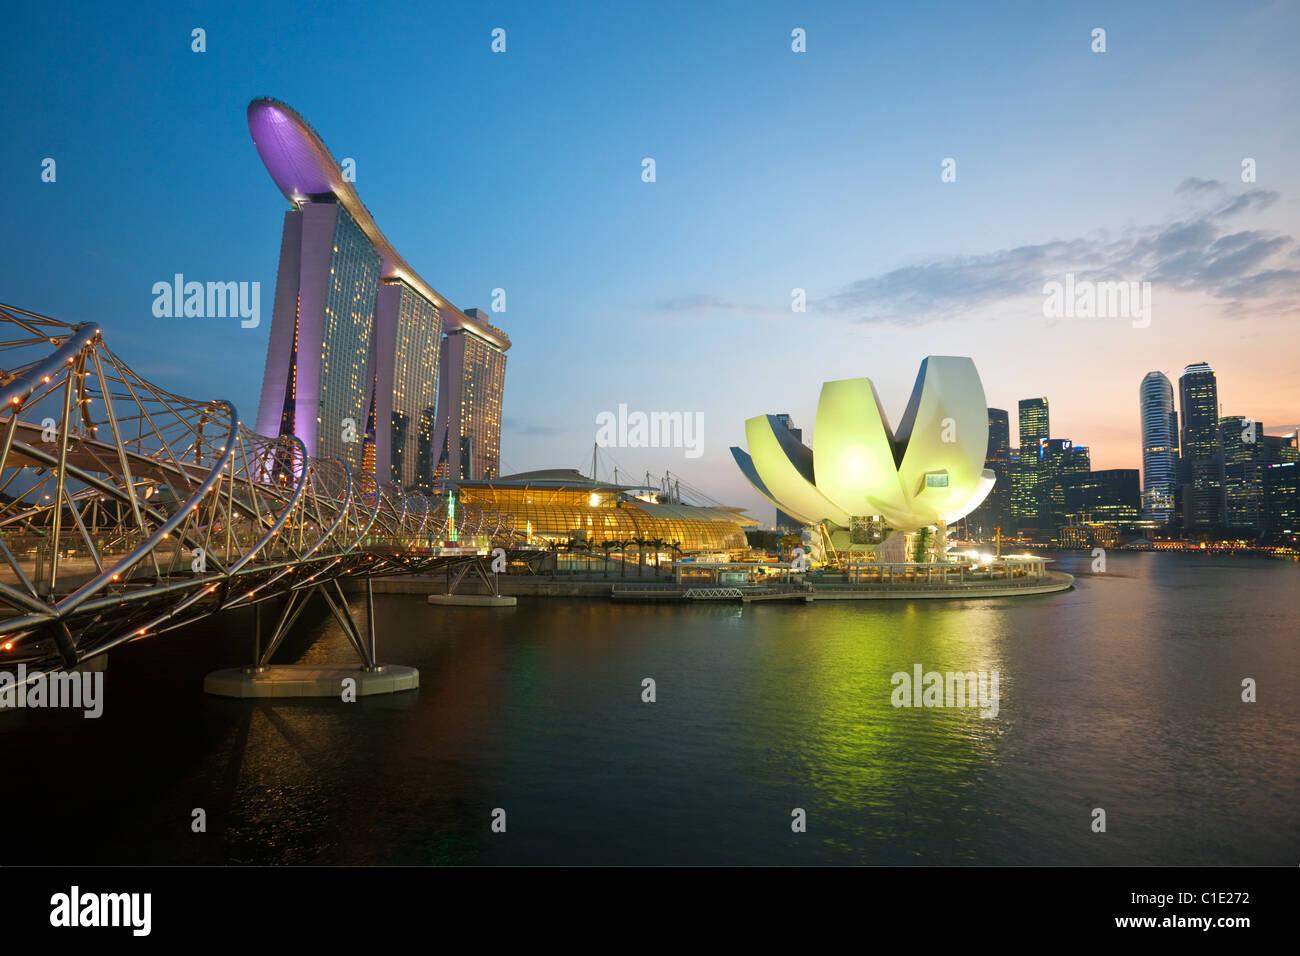 The Helix Bridge and Marina Bay Sands Singapore.  Marina Bay, Singapore - Stock Image